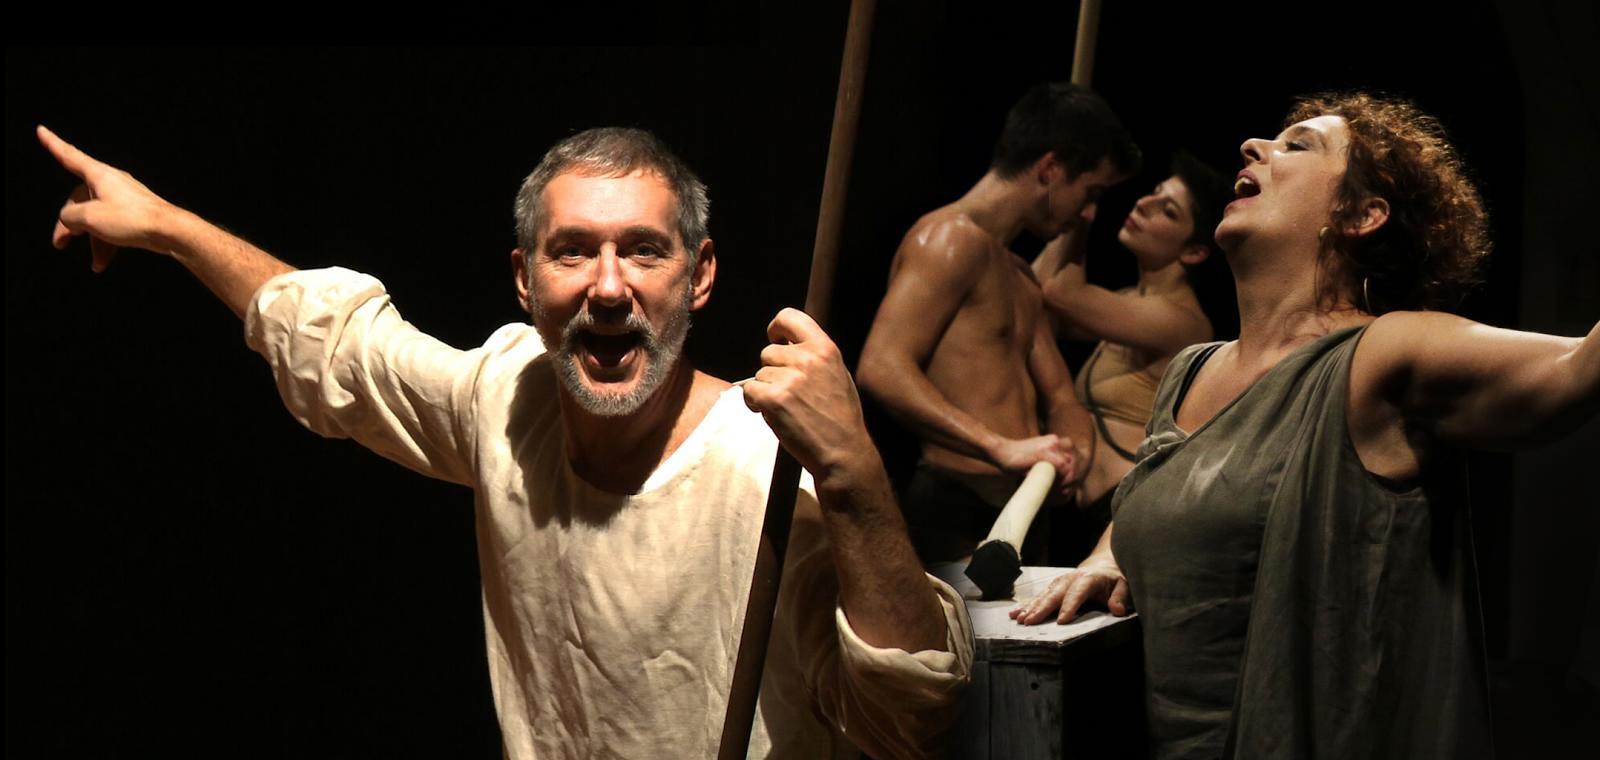 TAU , Teatri Antichi Uniti 2017 - XIX edizione.